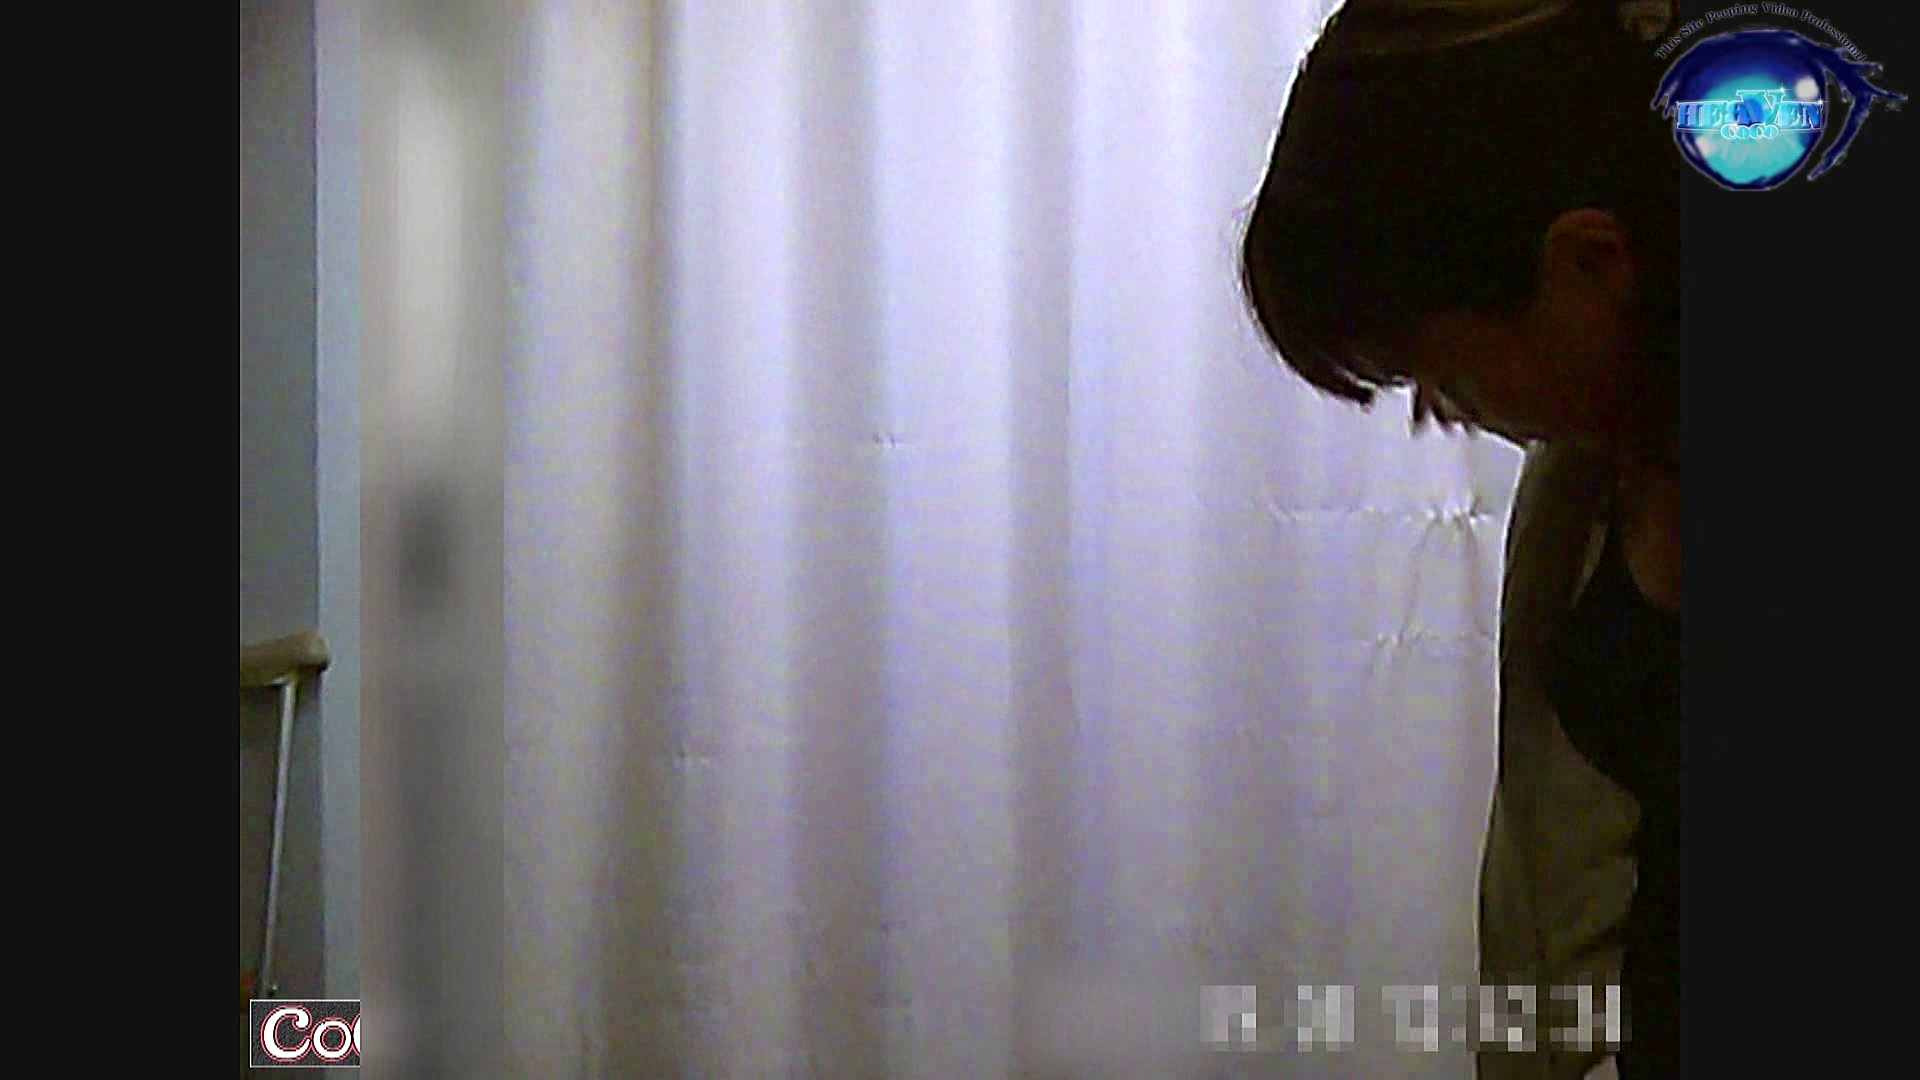 激ヤバ健康診断!着替えの一部始終.vol.22 ※本編ボカシ・目線無し 着替え 覗きワレメ動画紹介 85画像 34